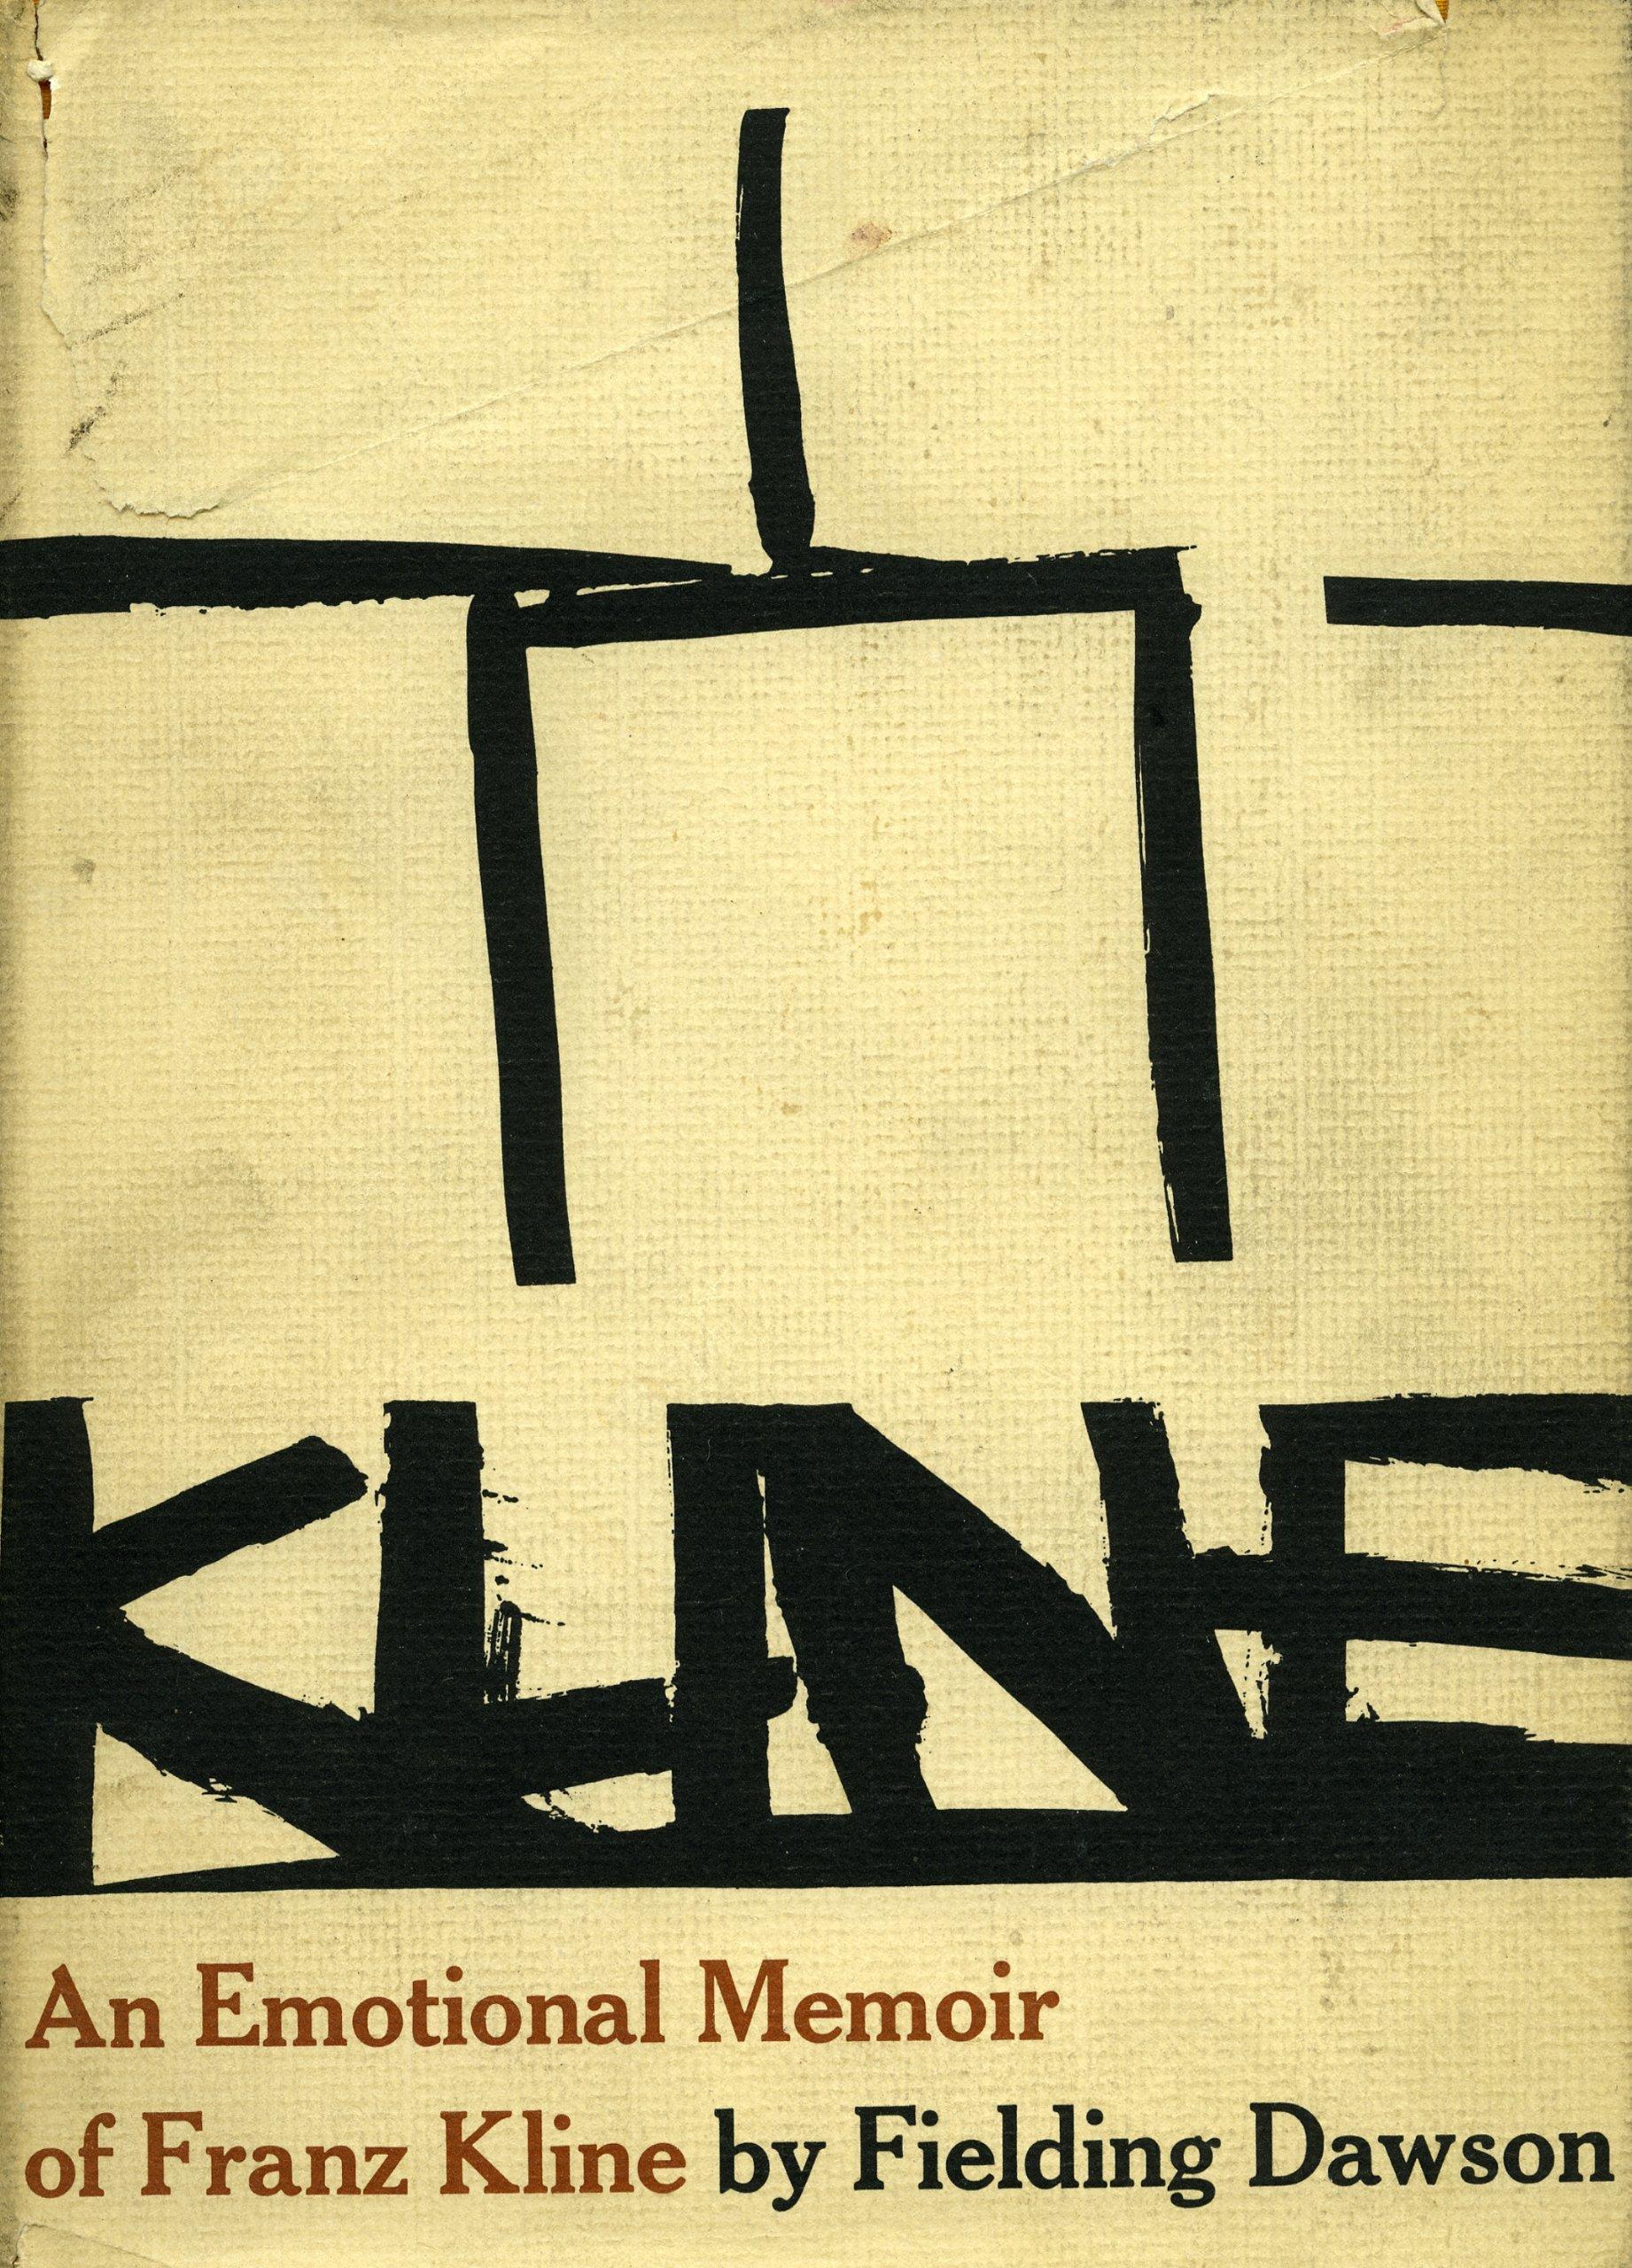 Franz Kline: An Emotional Memoir